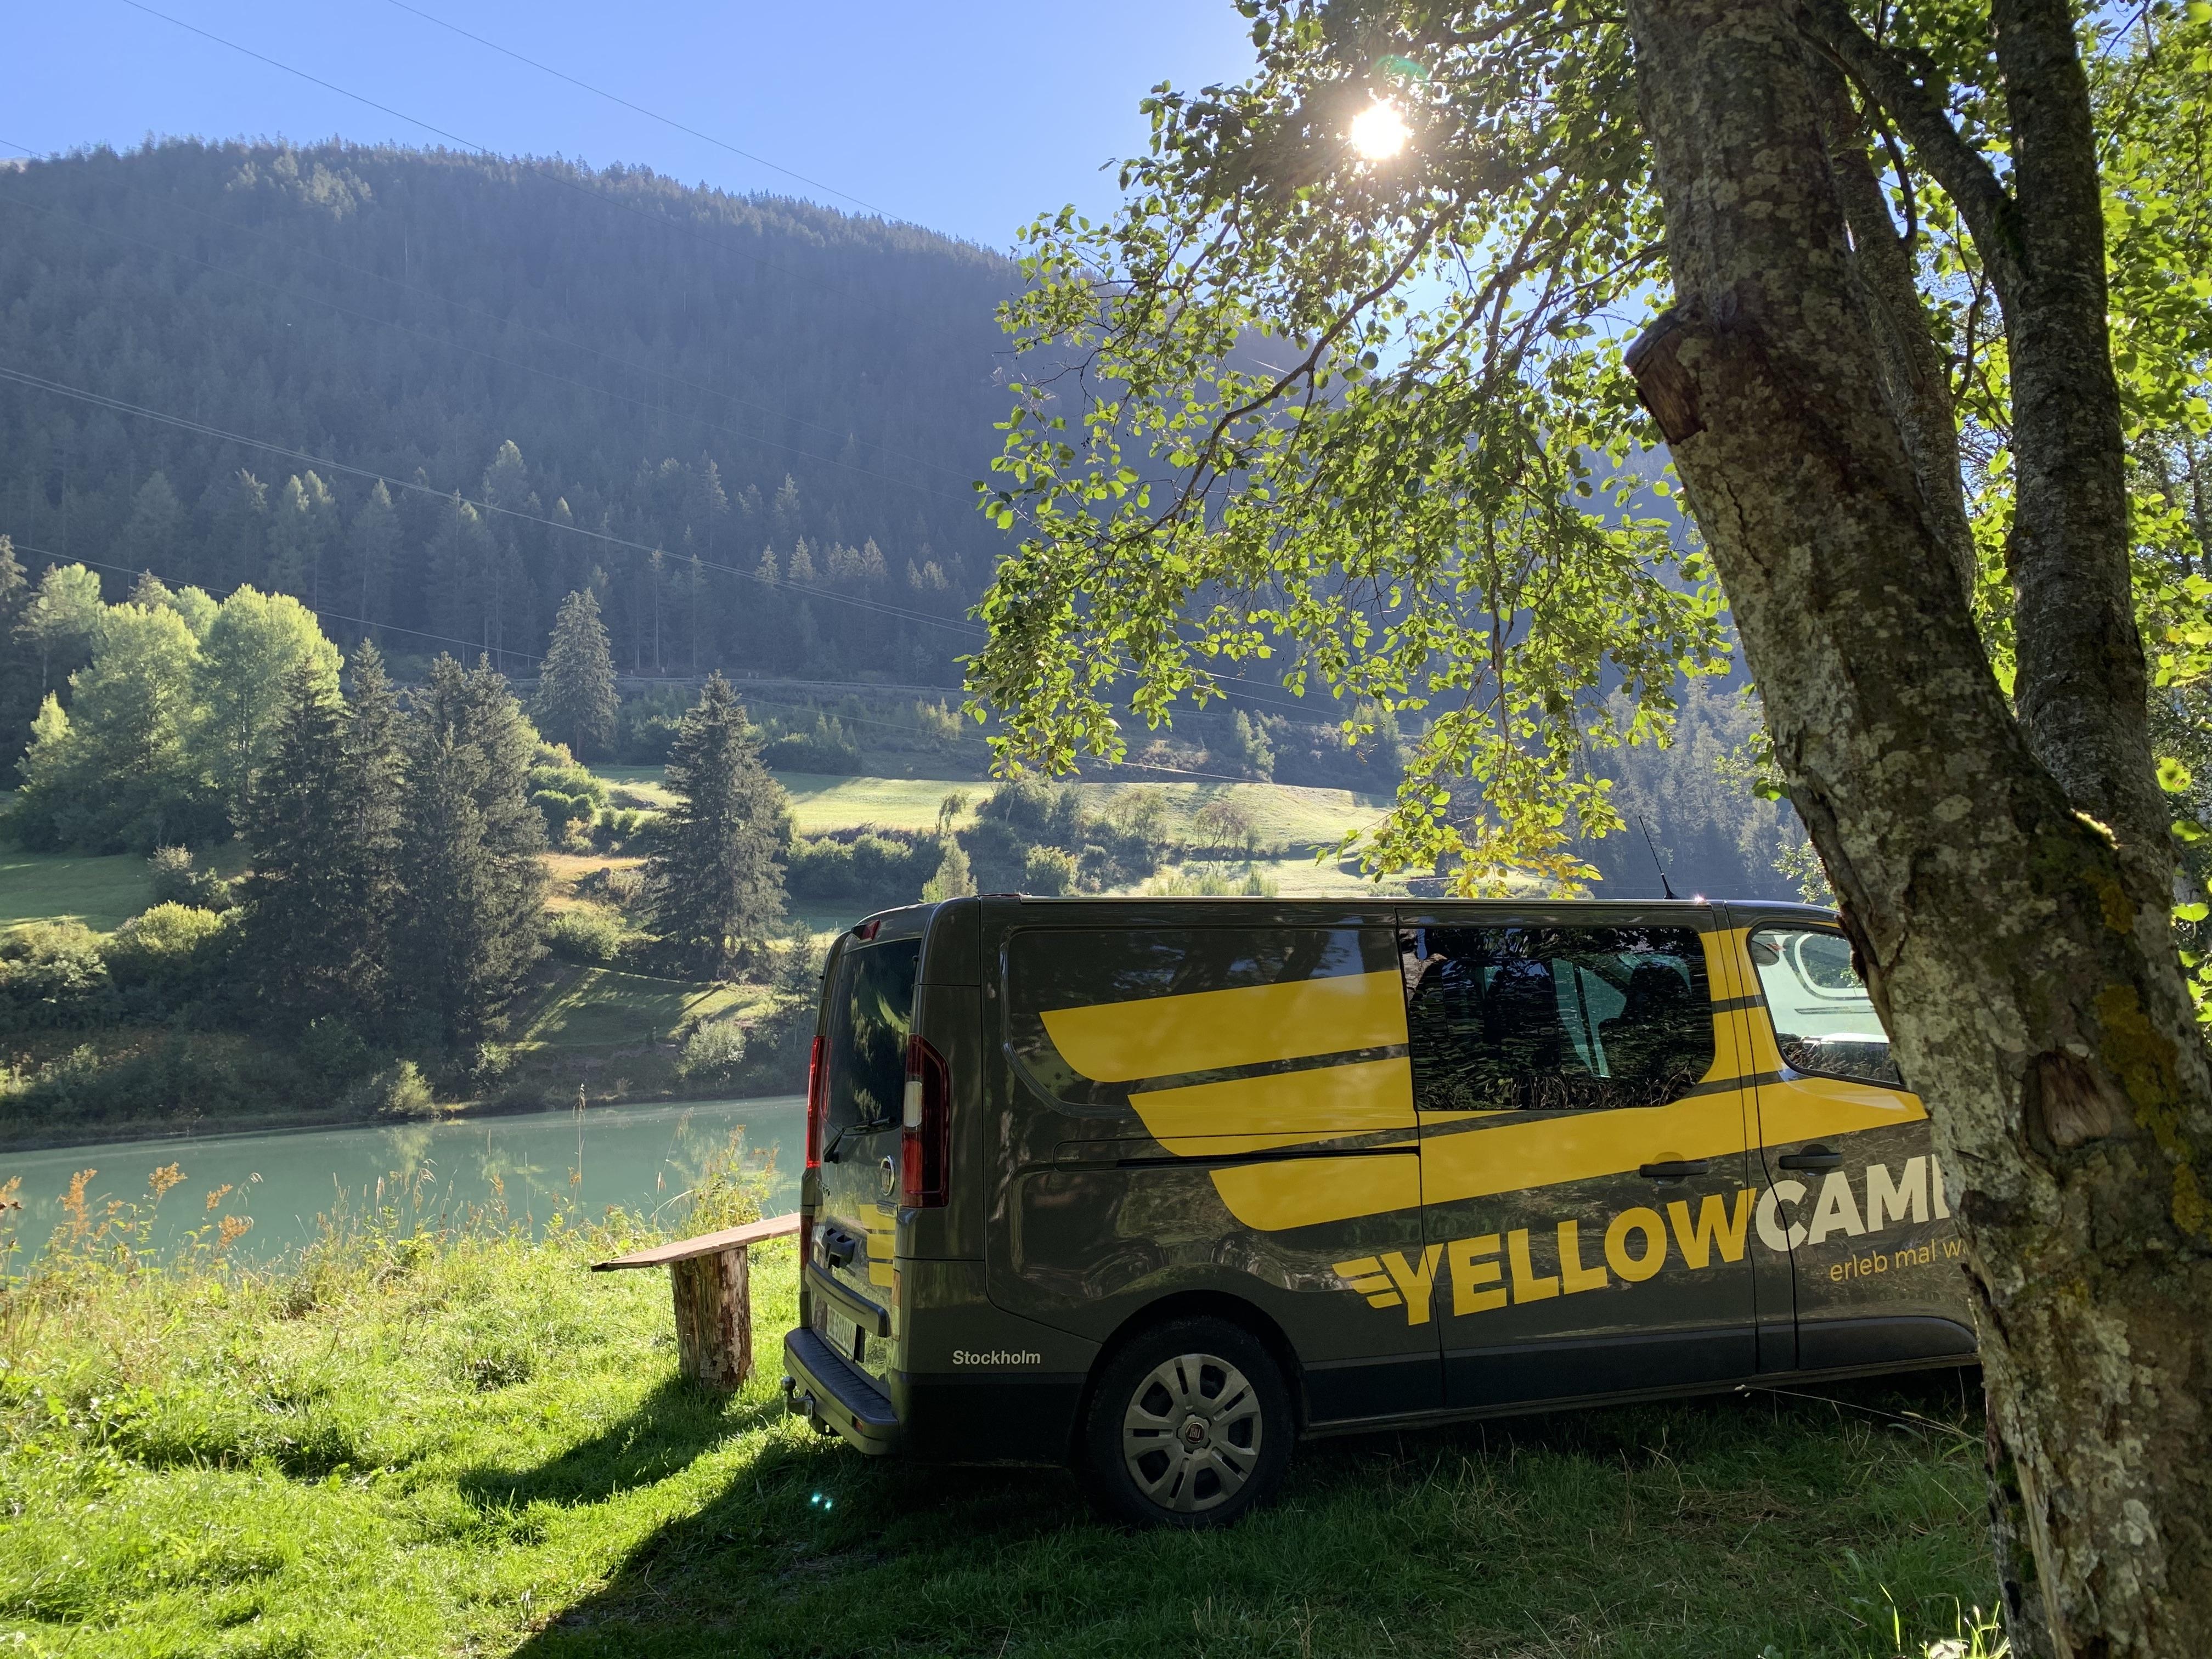 Les Yellowcampers recherchent des propriétaires 🚐